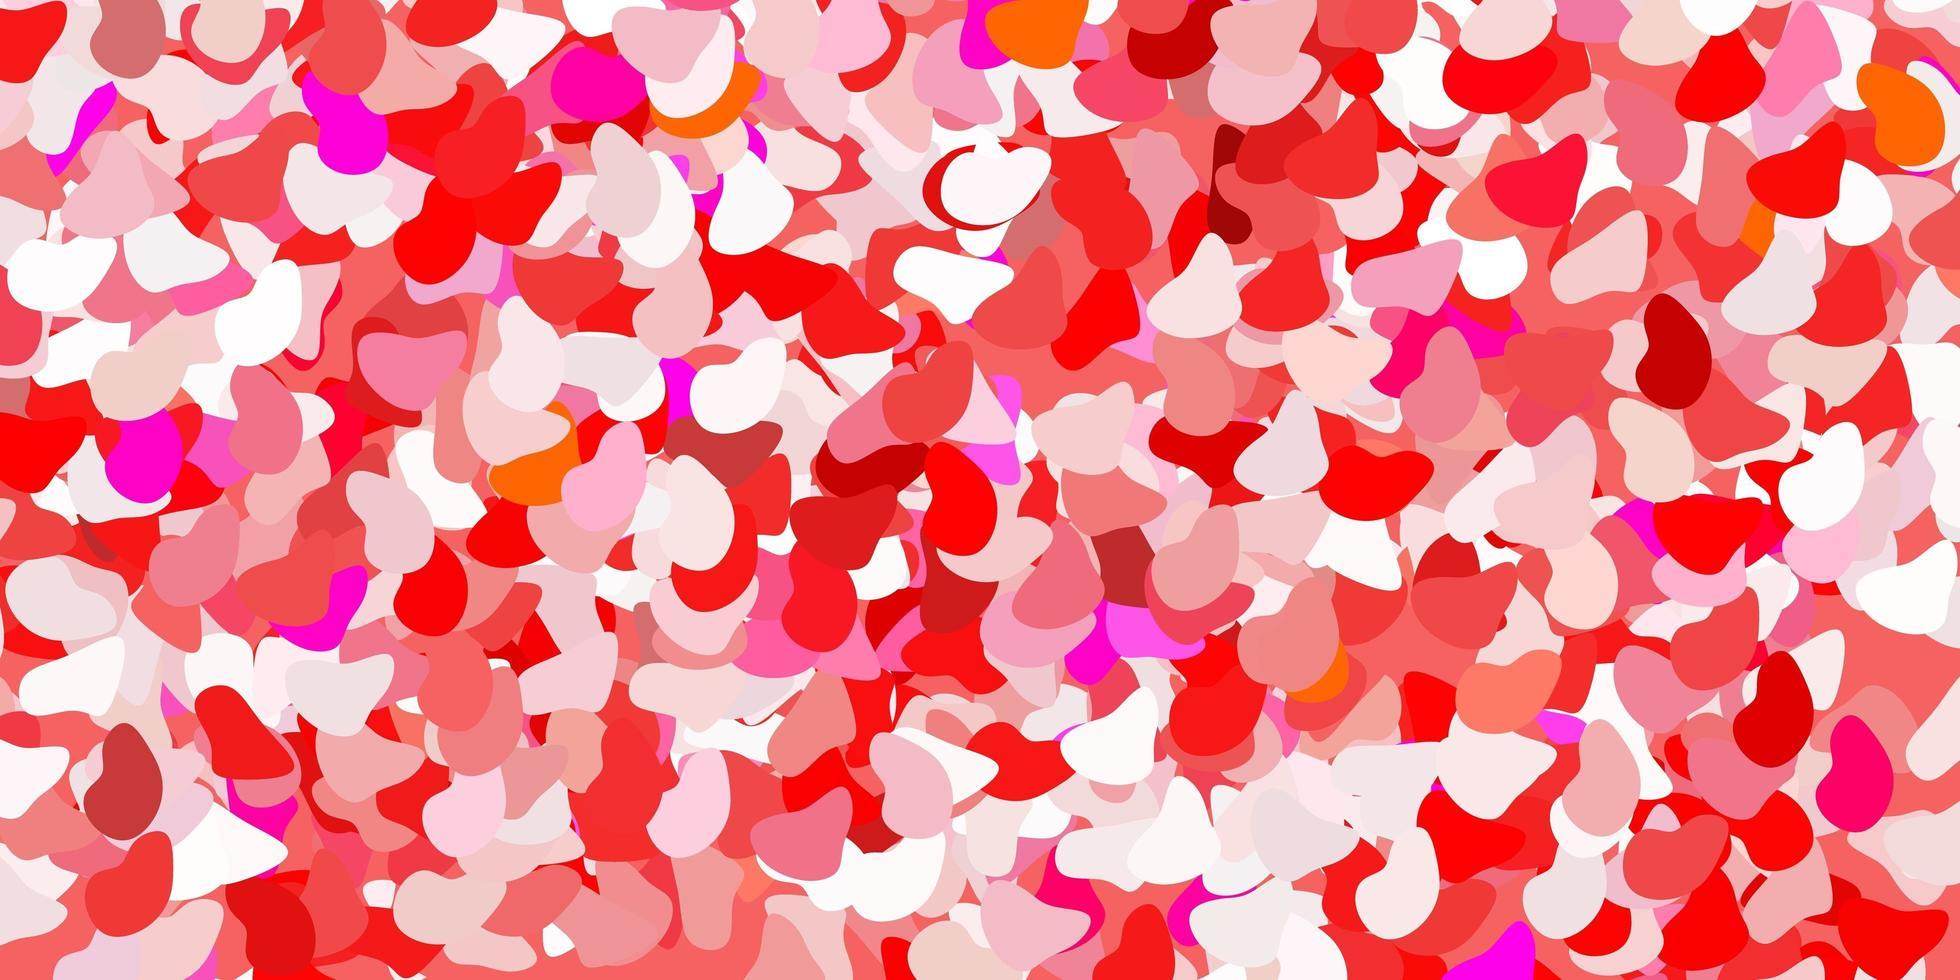 motif rouge clair avec des formes abstraites. vecteur